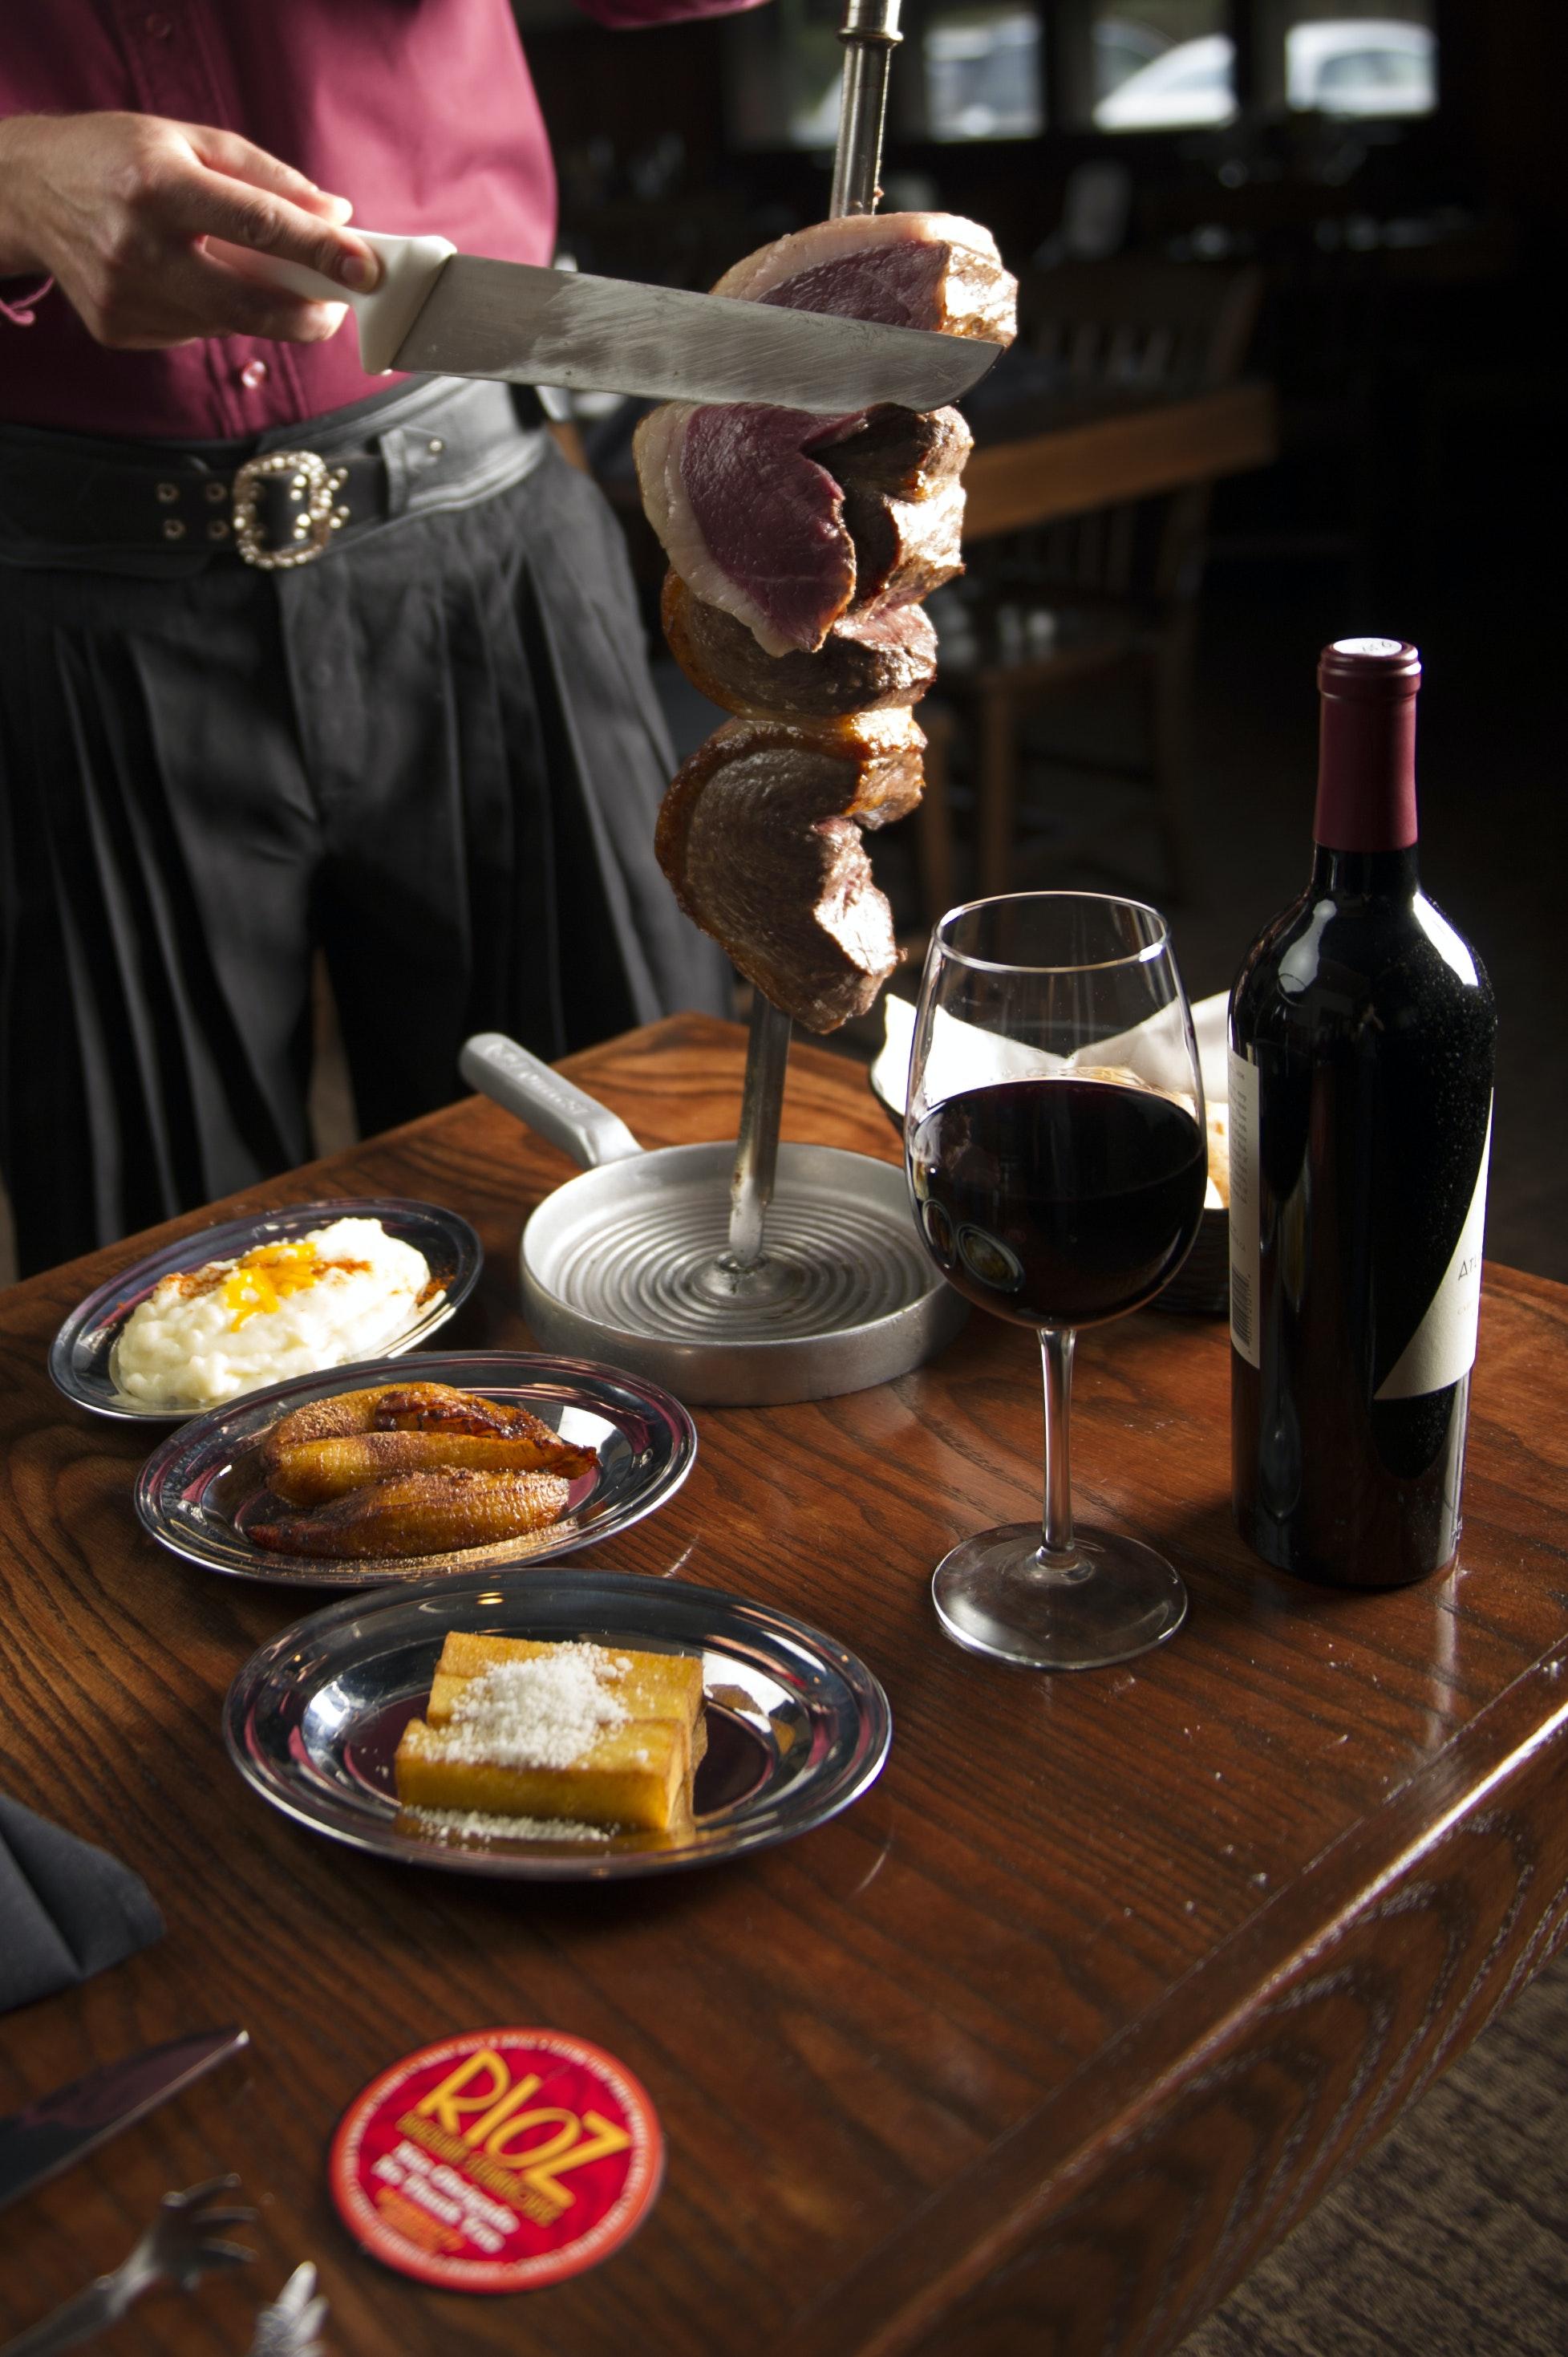 photo relating to Rioz Brazilian Steakhouse Printable Coupons identified as Columbia Rioz Brazilian Steakhouse